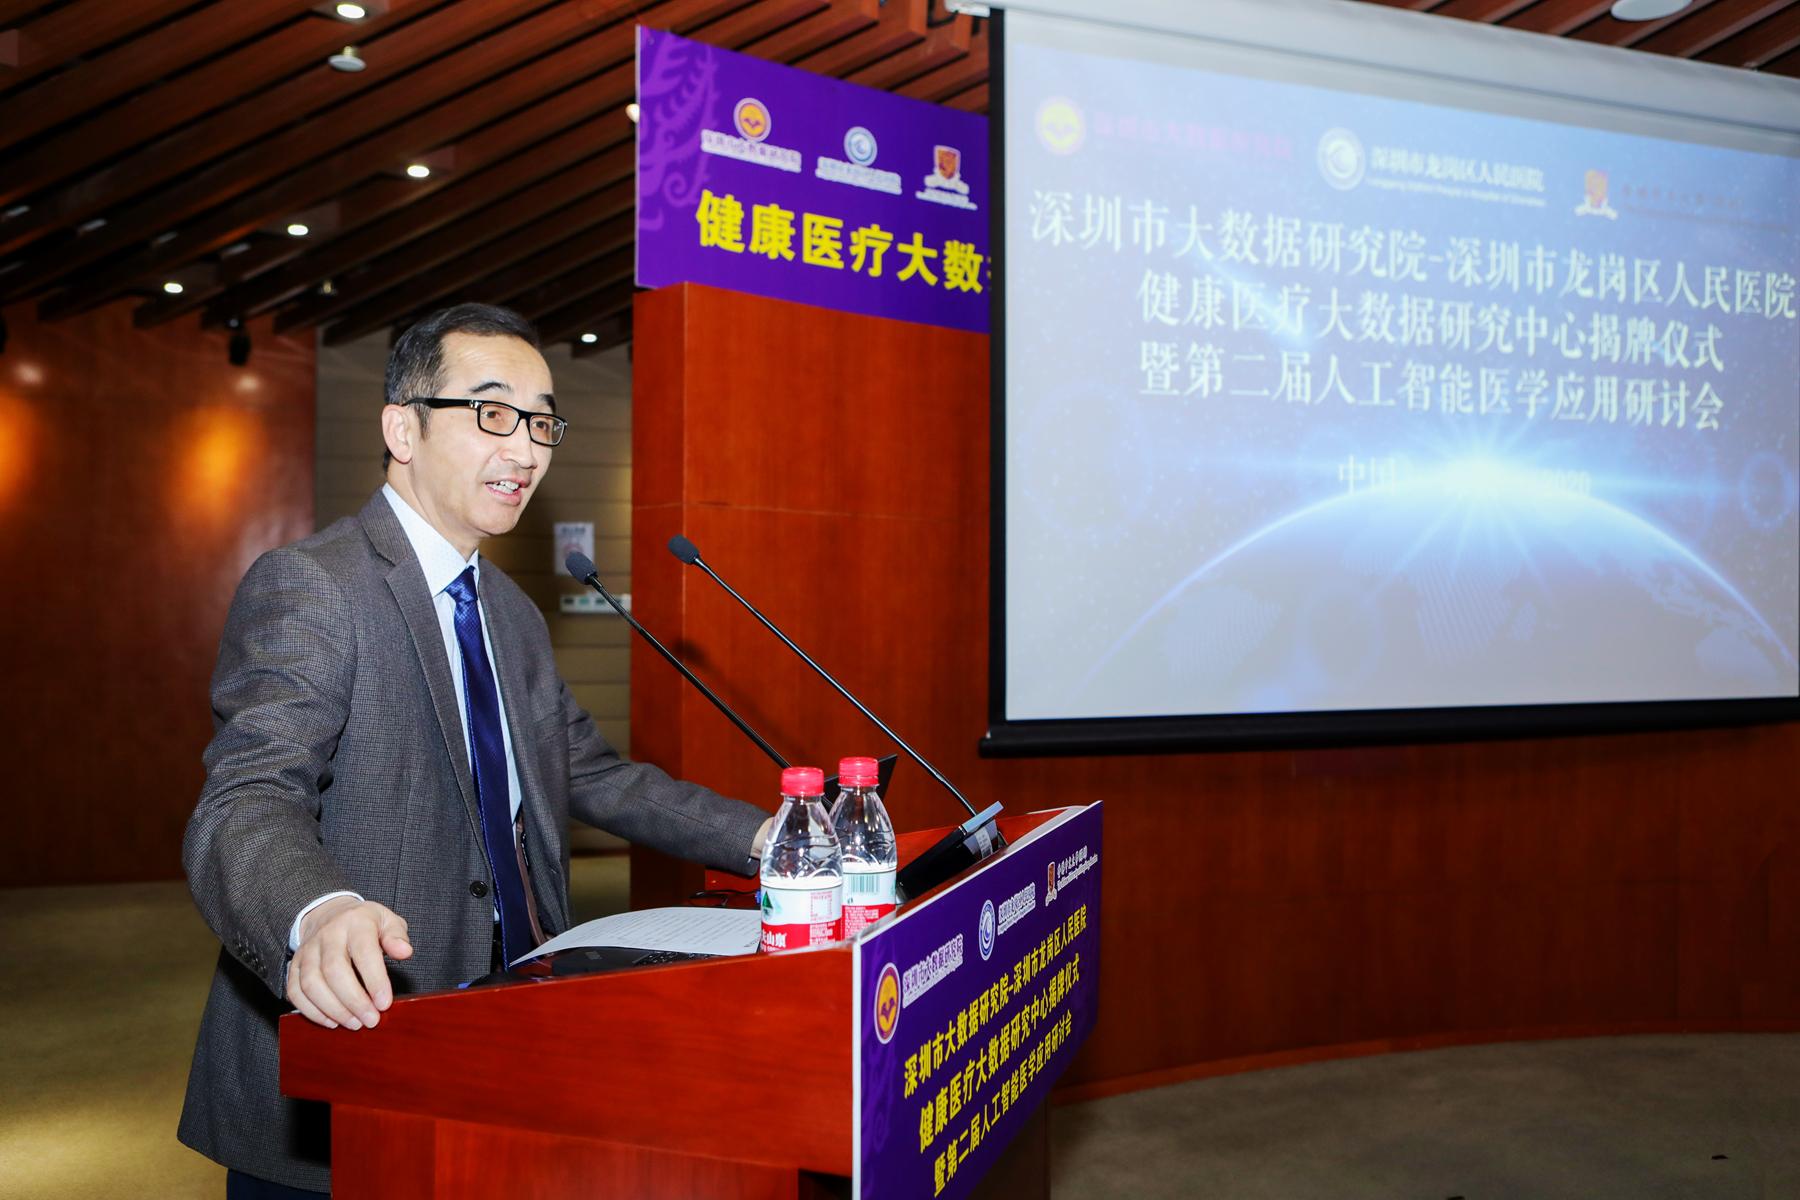 深圳市大数据研究院与龙岗区人民医院健康医疗大数据研究中心正式成立